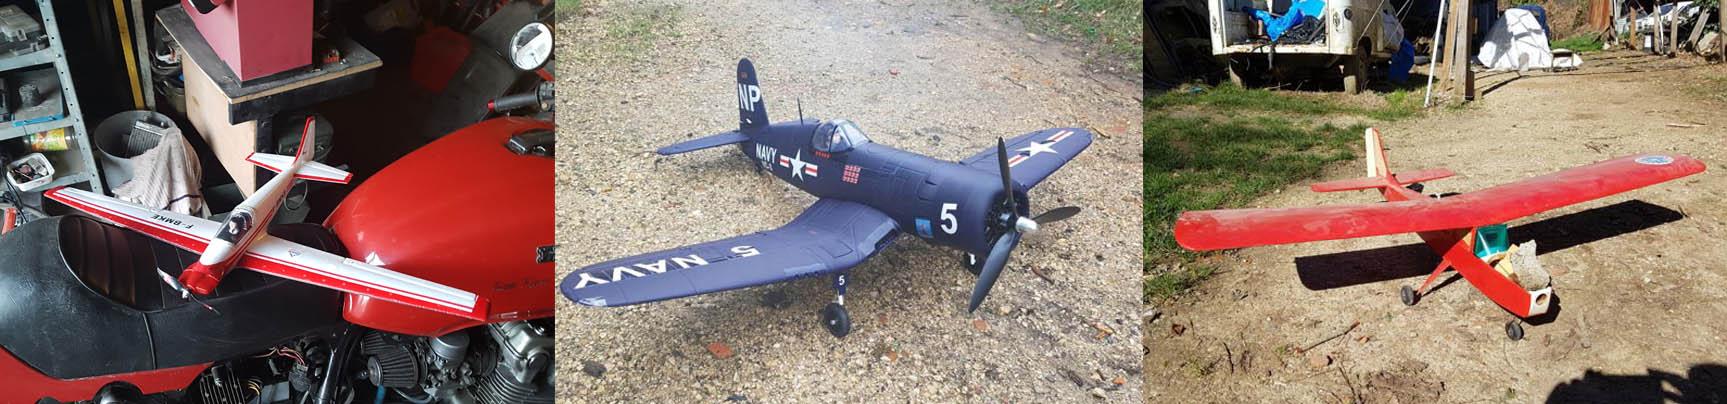 Julien c'est fait plaisir et en attendant de faire voler son Corsair neuf de chez Dynam il a pris la sage décision en cours de formation de se racheter un avion d'occasion plus facile pour les premiers vols.